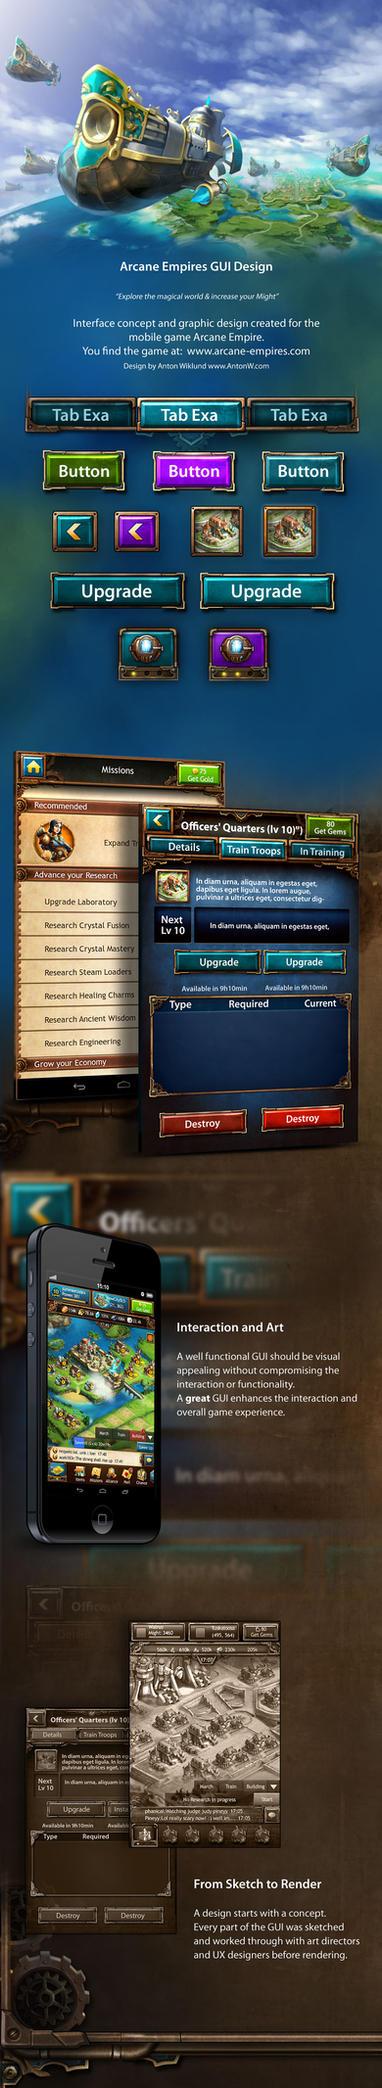 Arcane Empires Mobile Game GUI by karsten